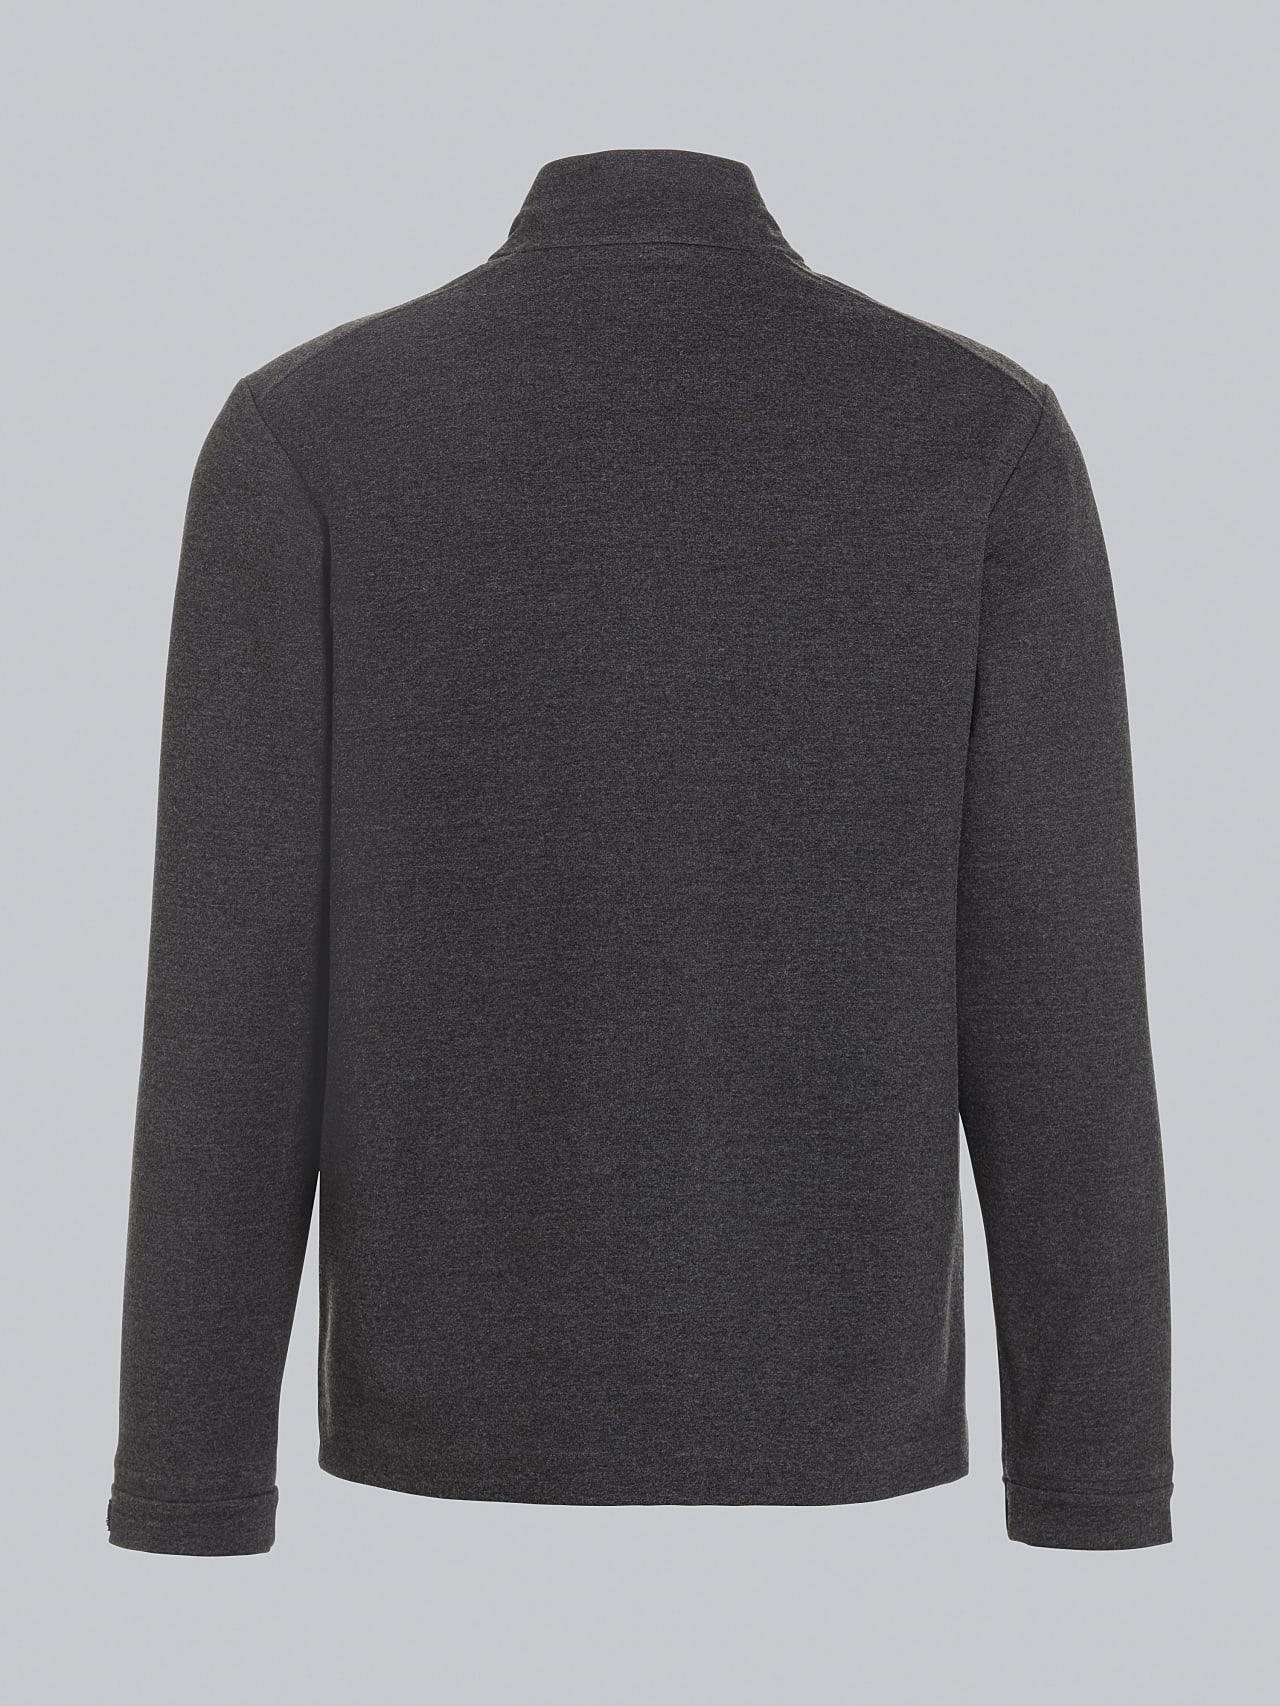 SROTO V1.Y5.02 Waterproof Half-Zip Sweatshirt dark grey / anthracite Left Alpha Tauri